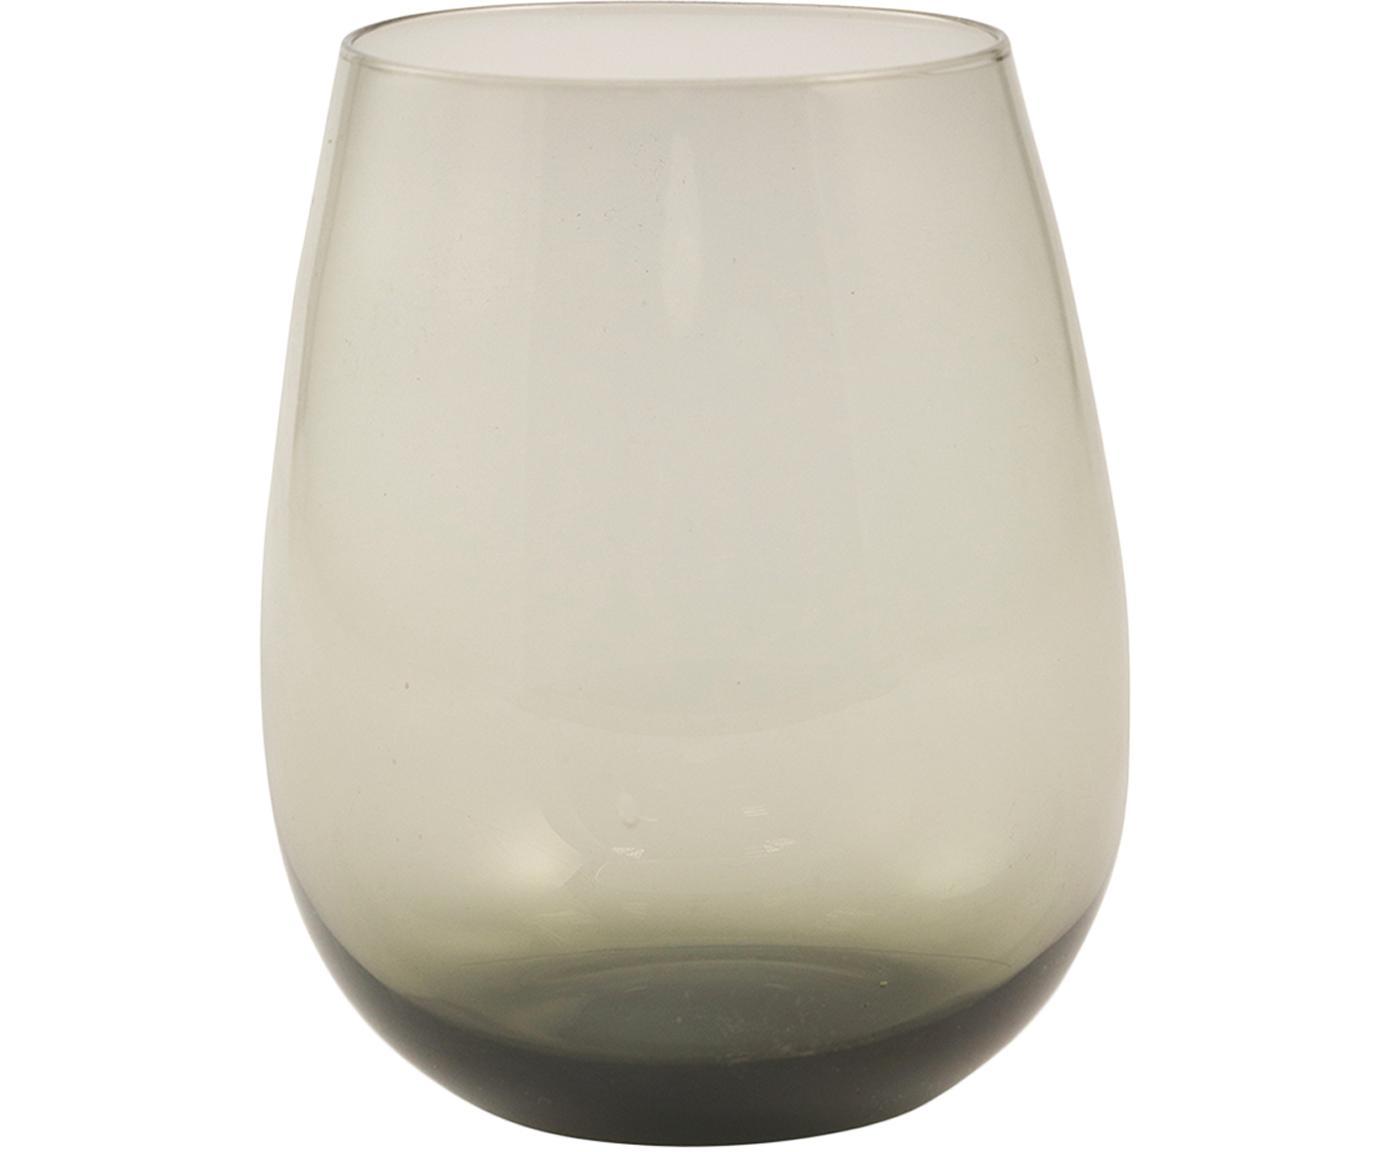 Bicchiere acqua in grigio Happy Hour 6 pz, Vetro, Grigio, Ø 6 x Alt. 11 cm